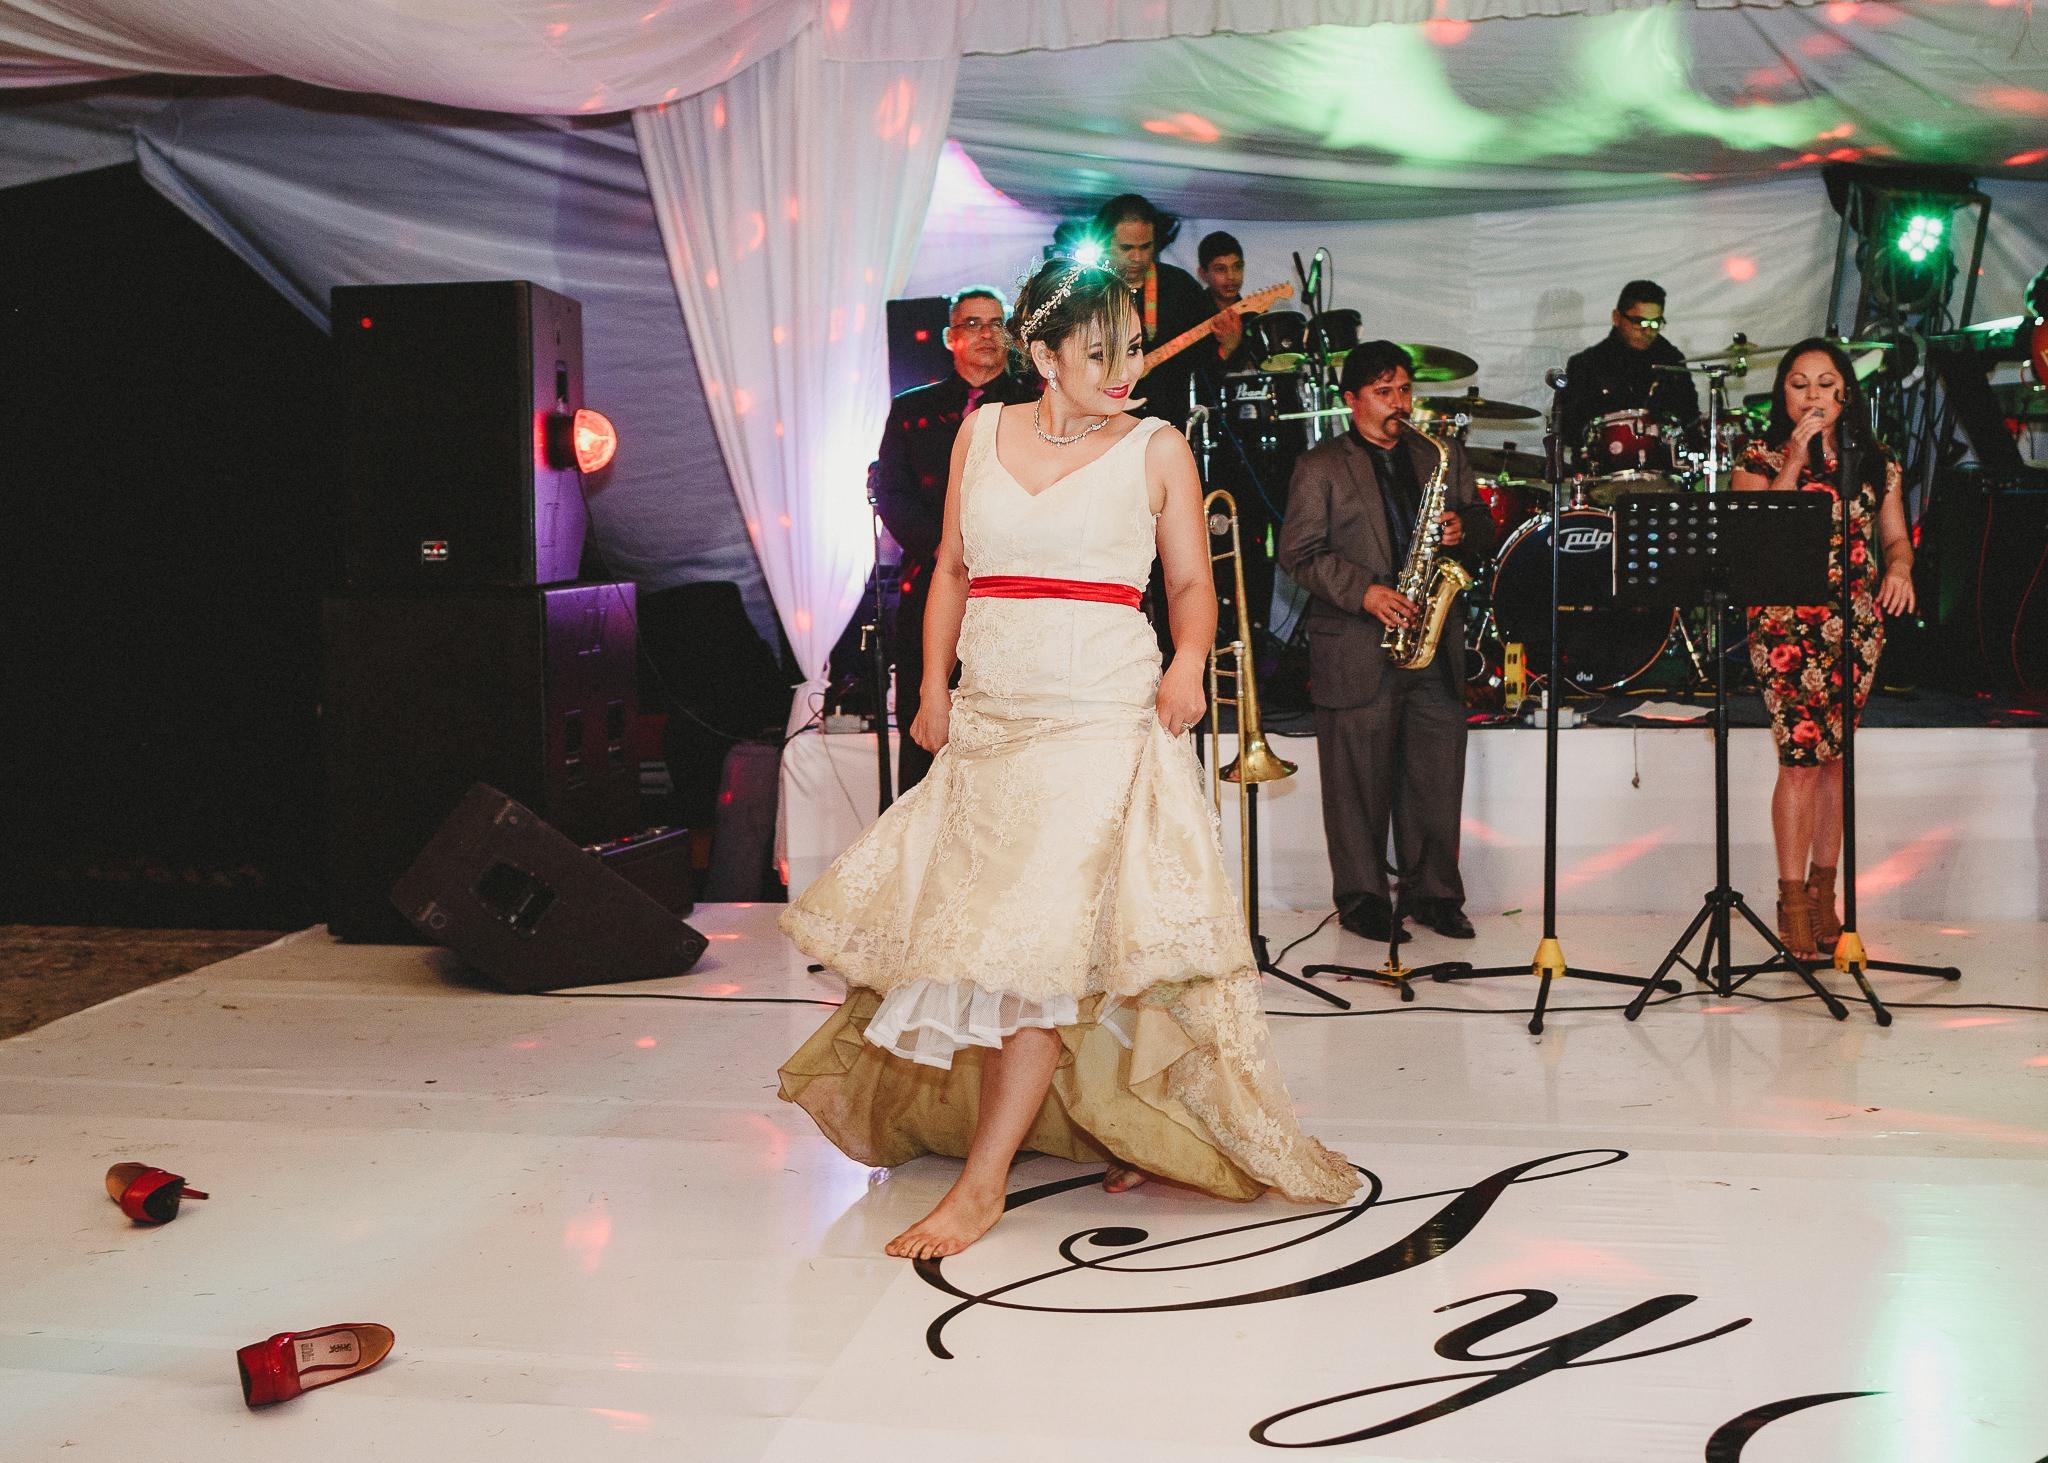 03boda-en-jardin-wedding-hacienda-los-cuartos-fotografo-luis-houdin108